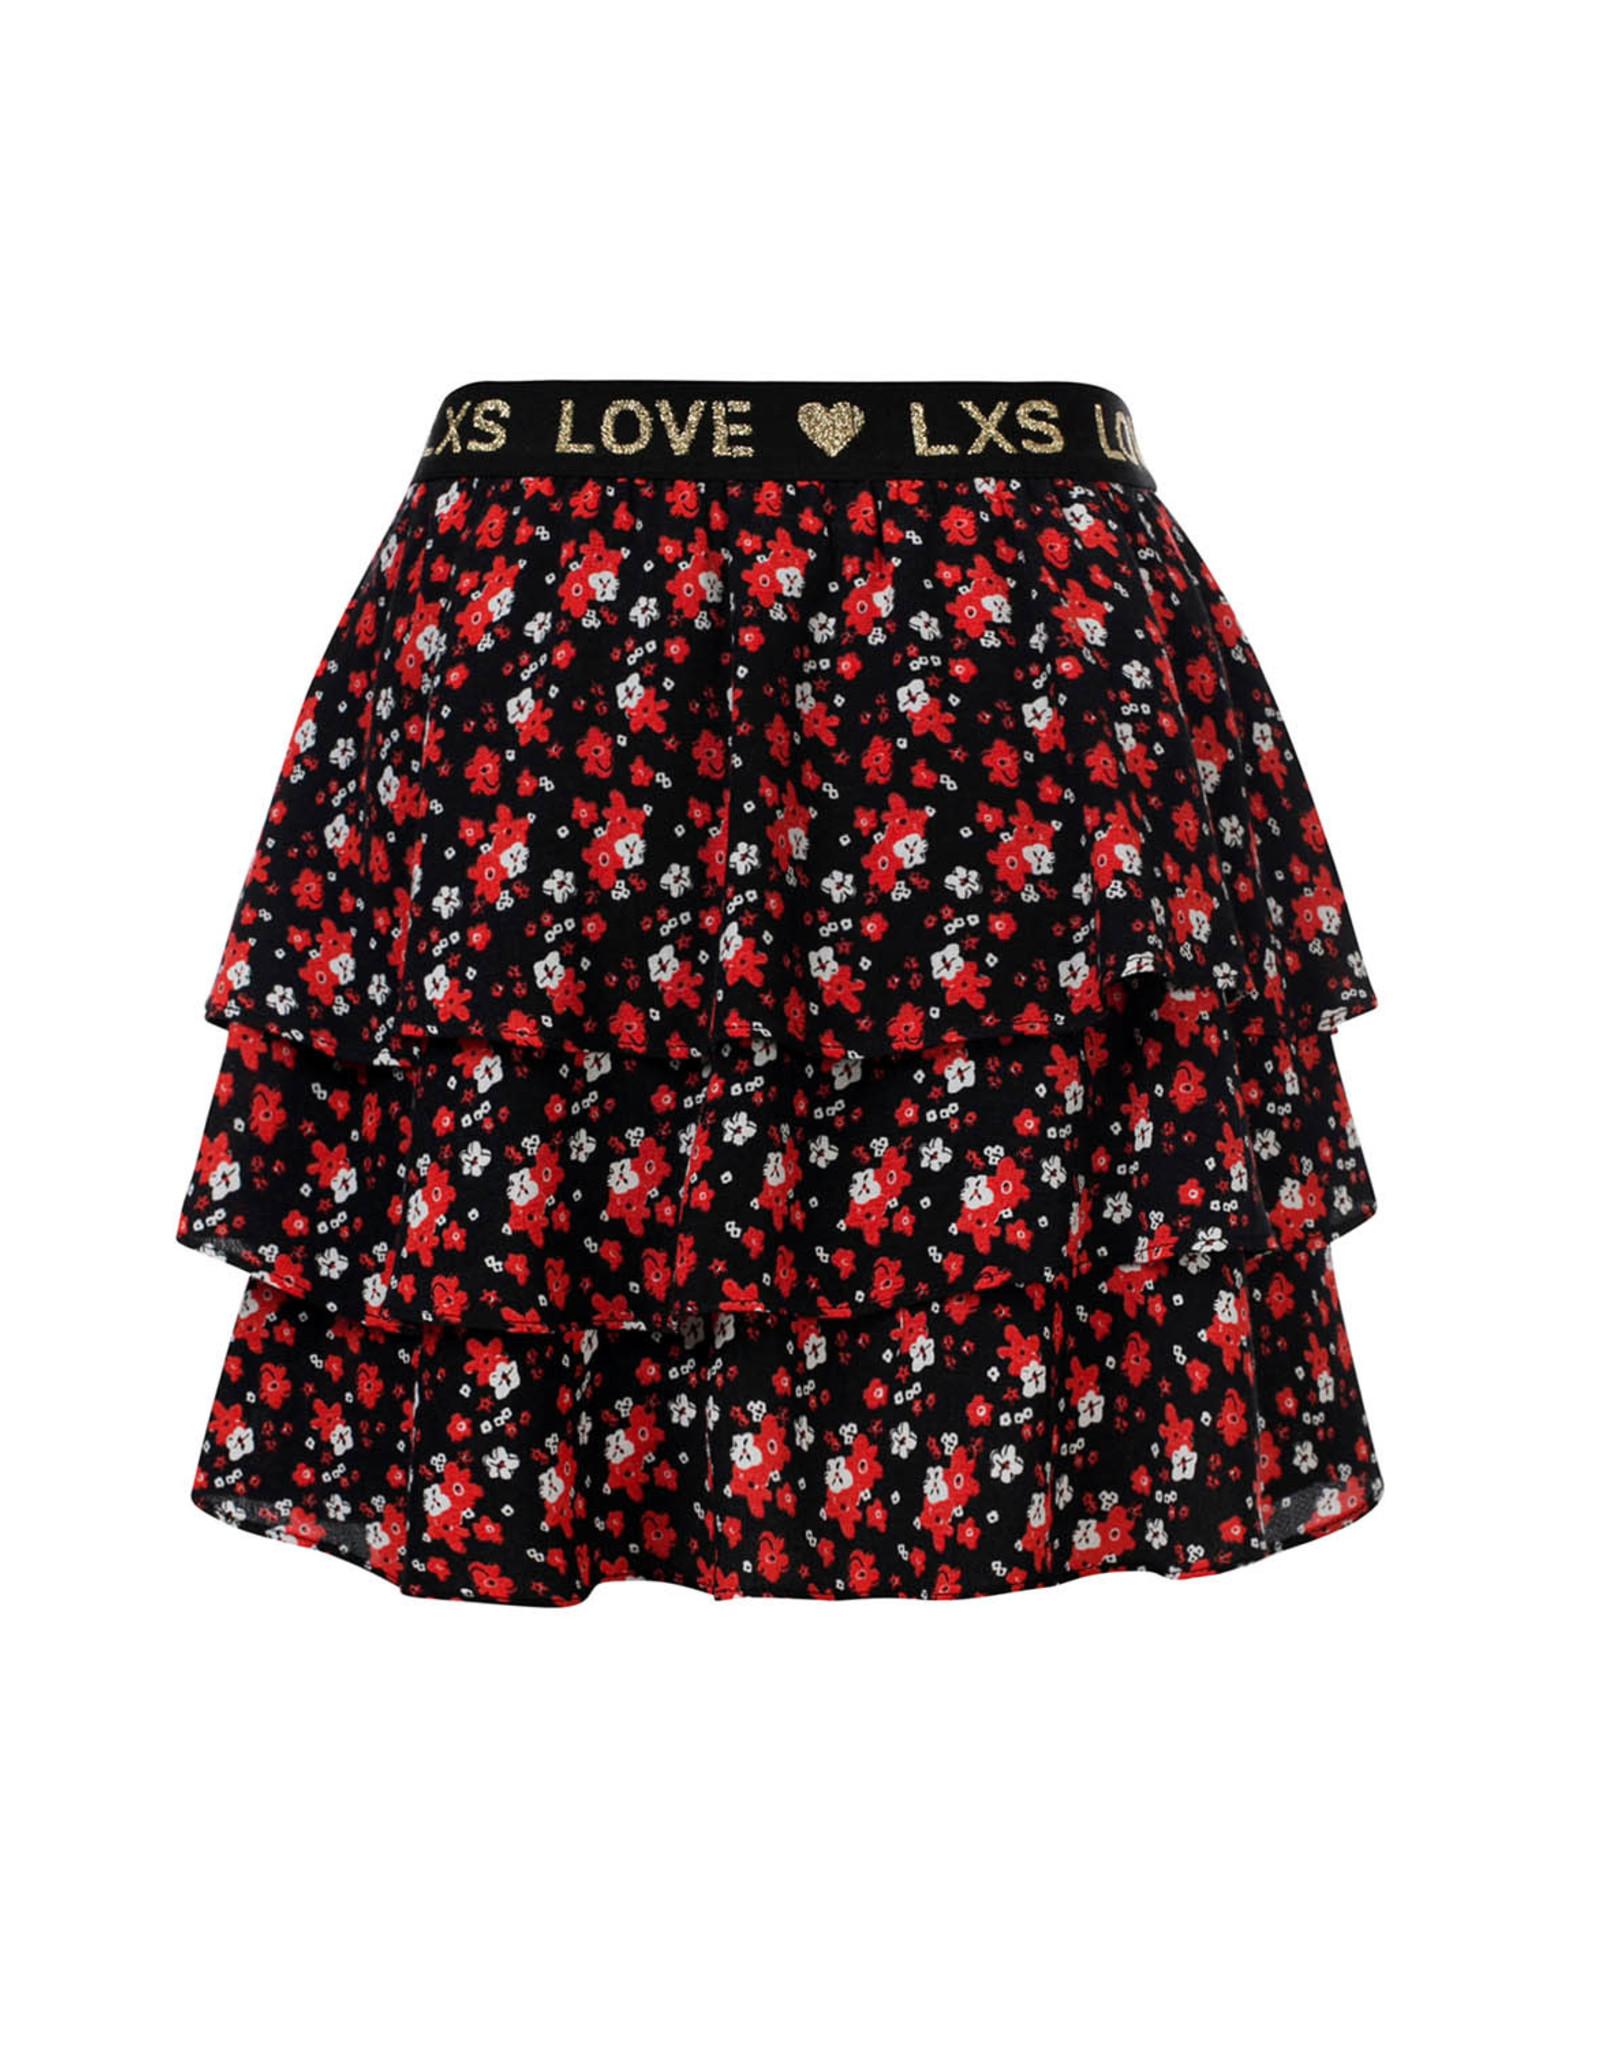 Looxs Little skirt bloem